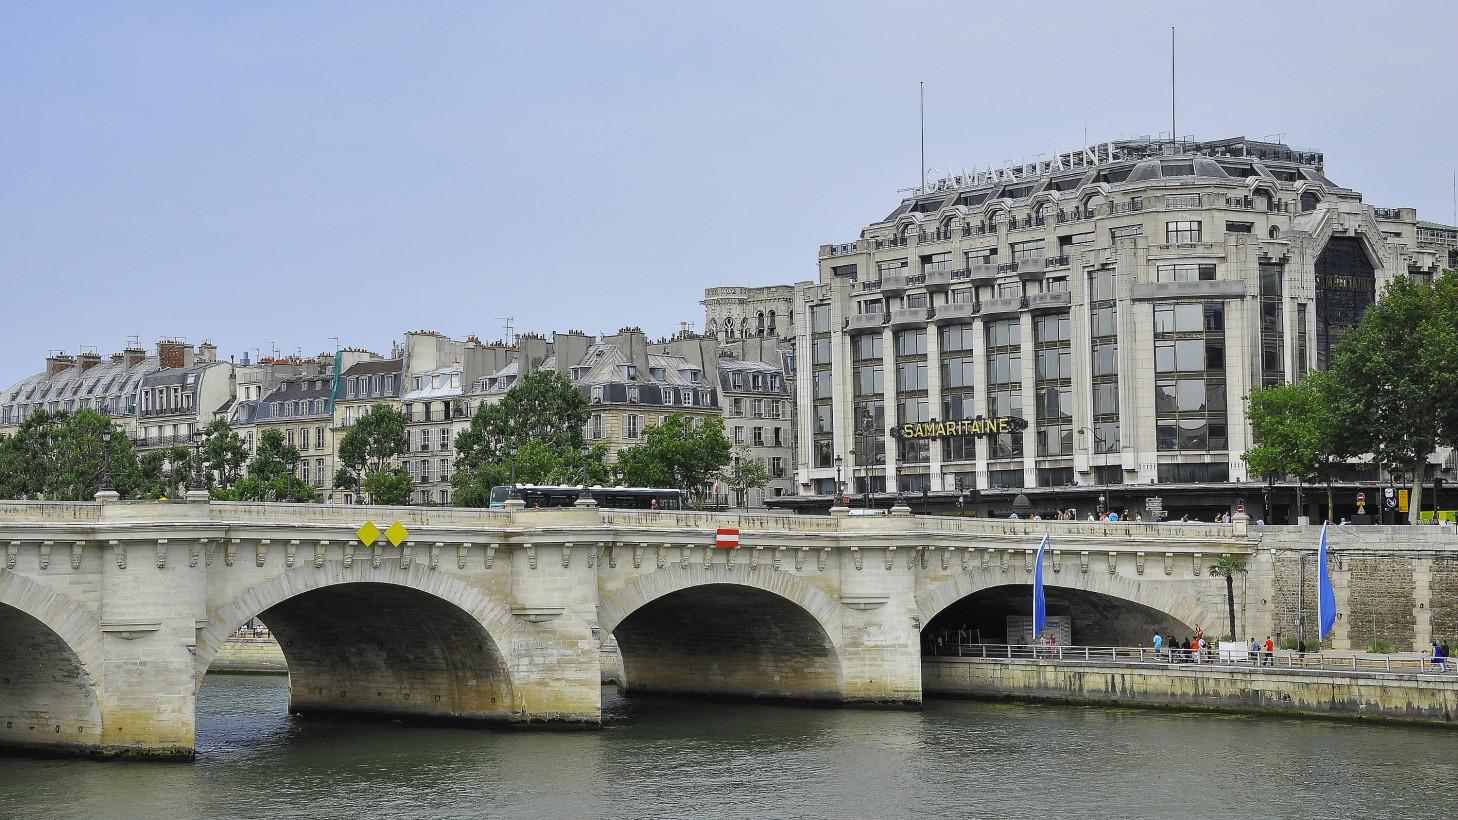 Новый мост (Le pont Neuf) - самый старый мост Парижа.